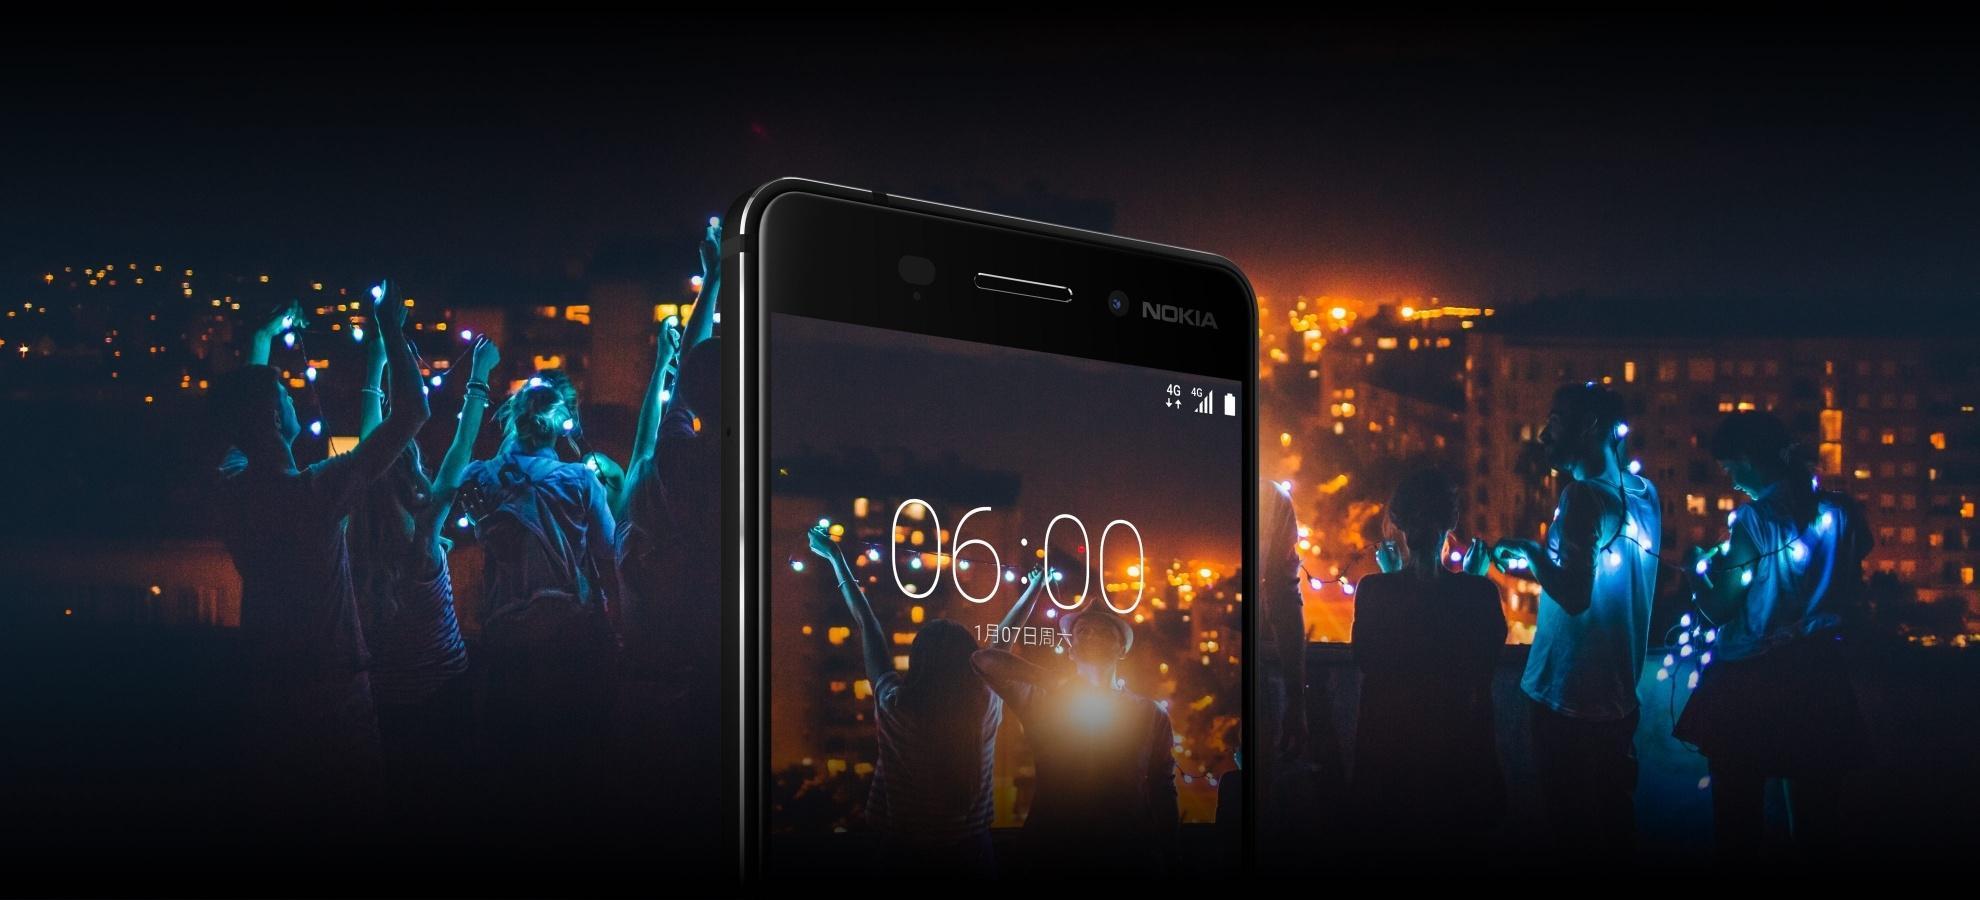 Nokia 6: первый смартфон воскрешенного финского бренда